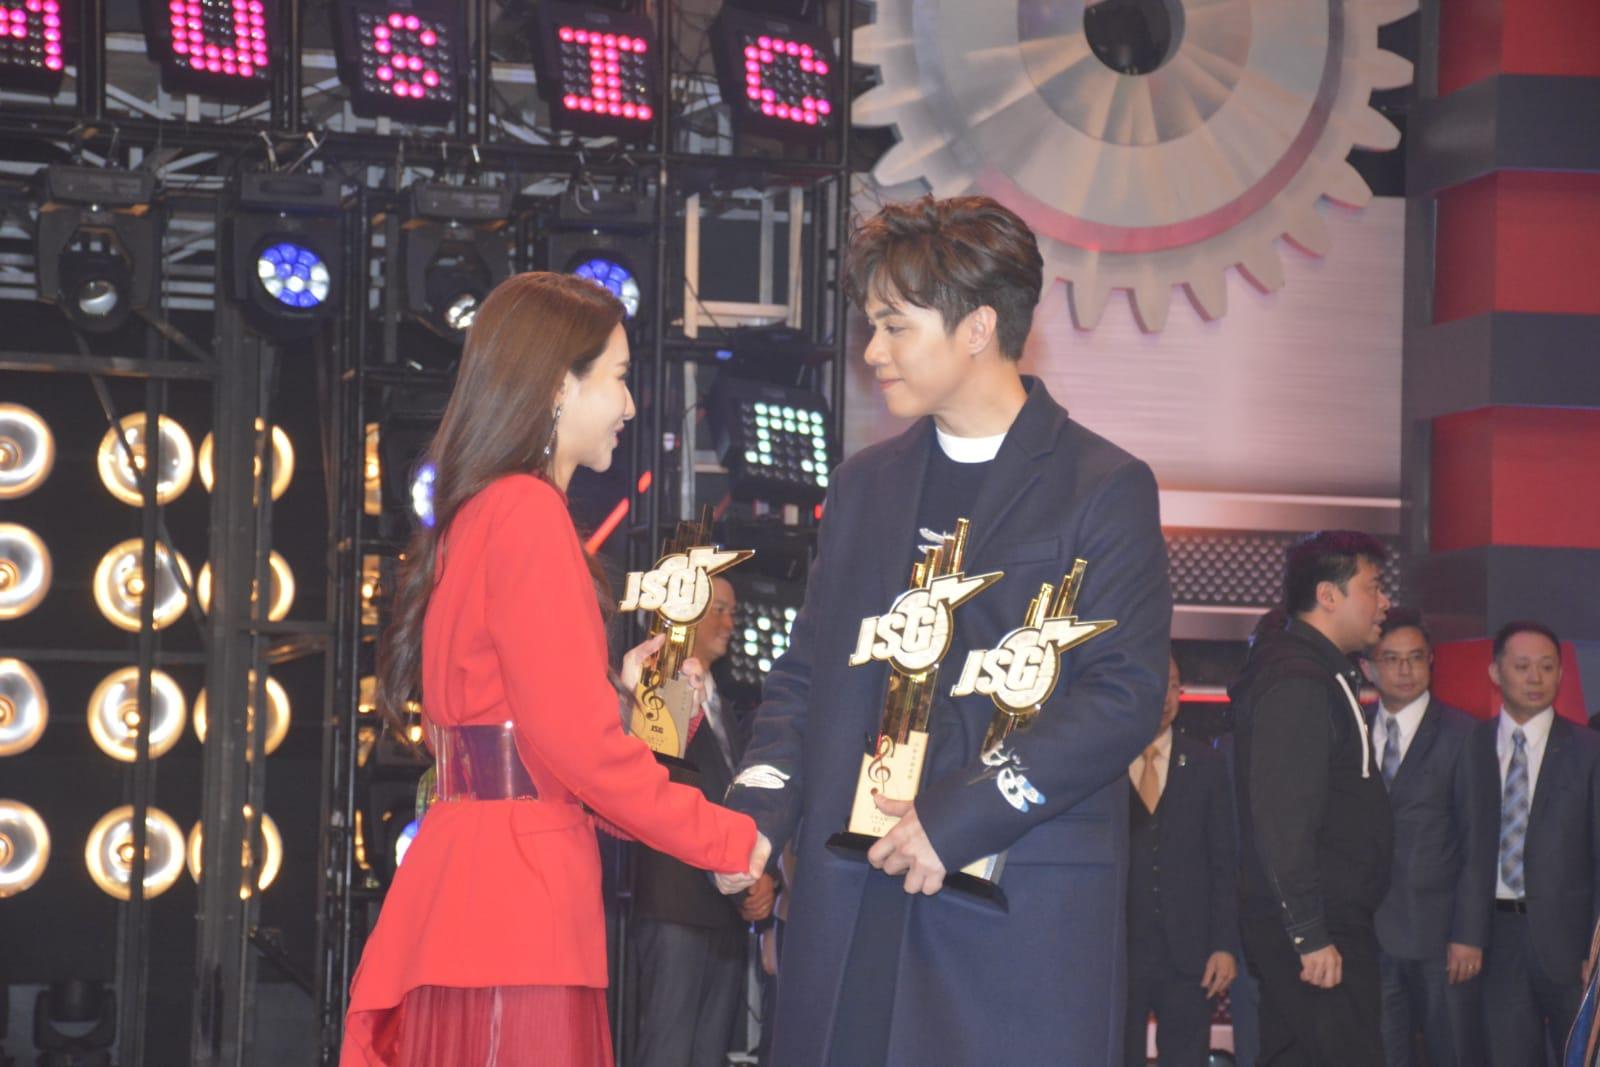 兩人獲獎後互相祝賀。